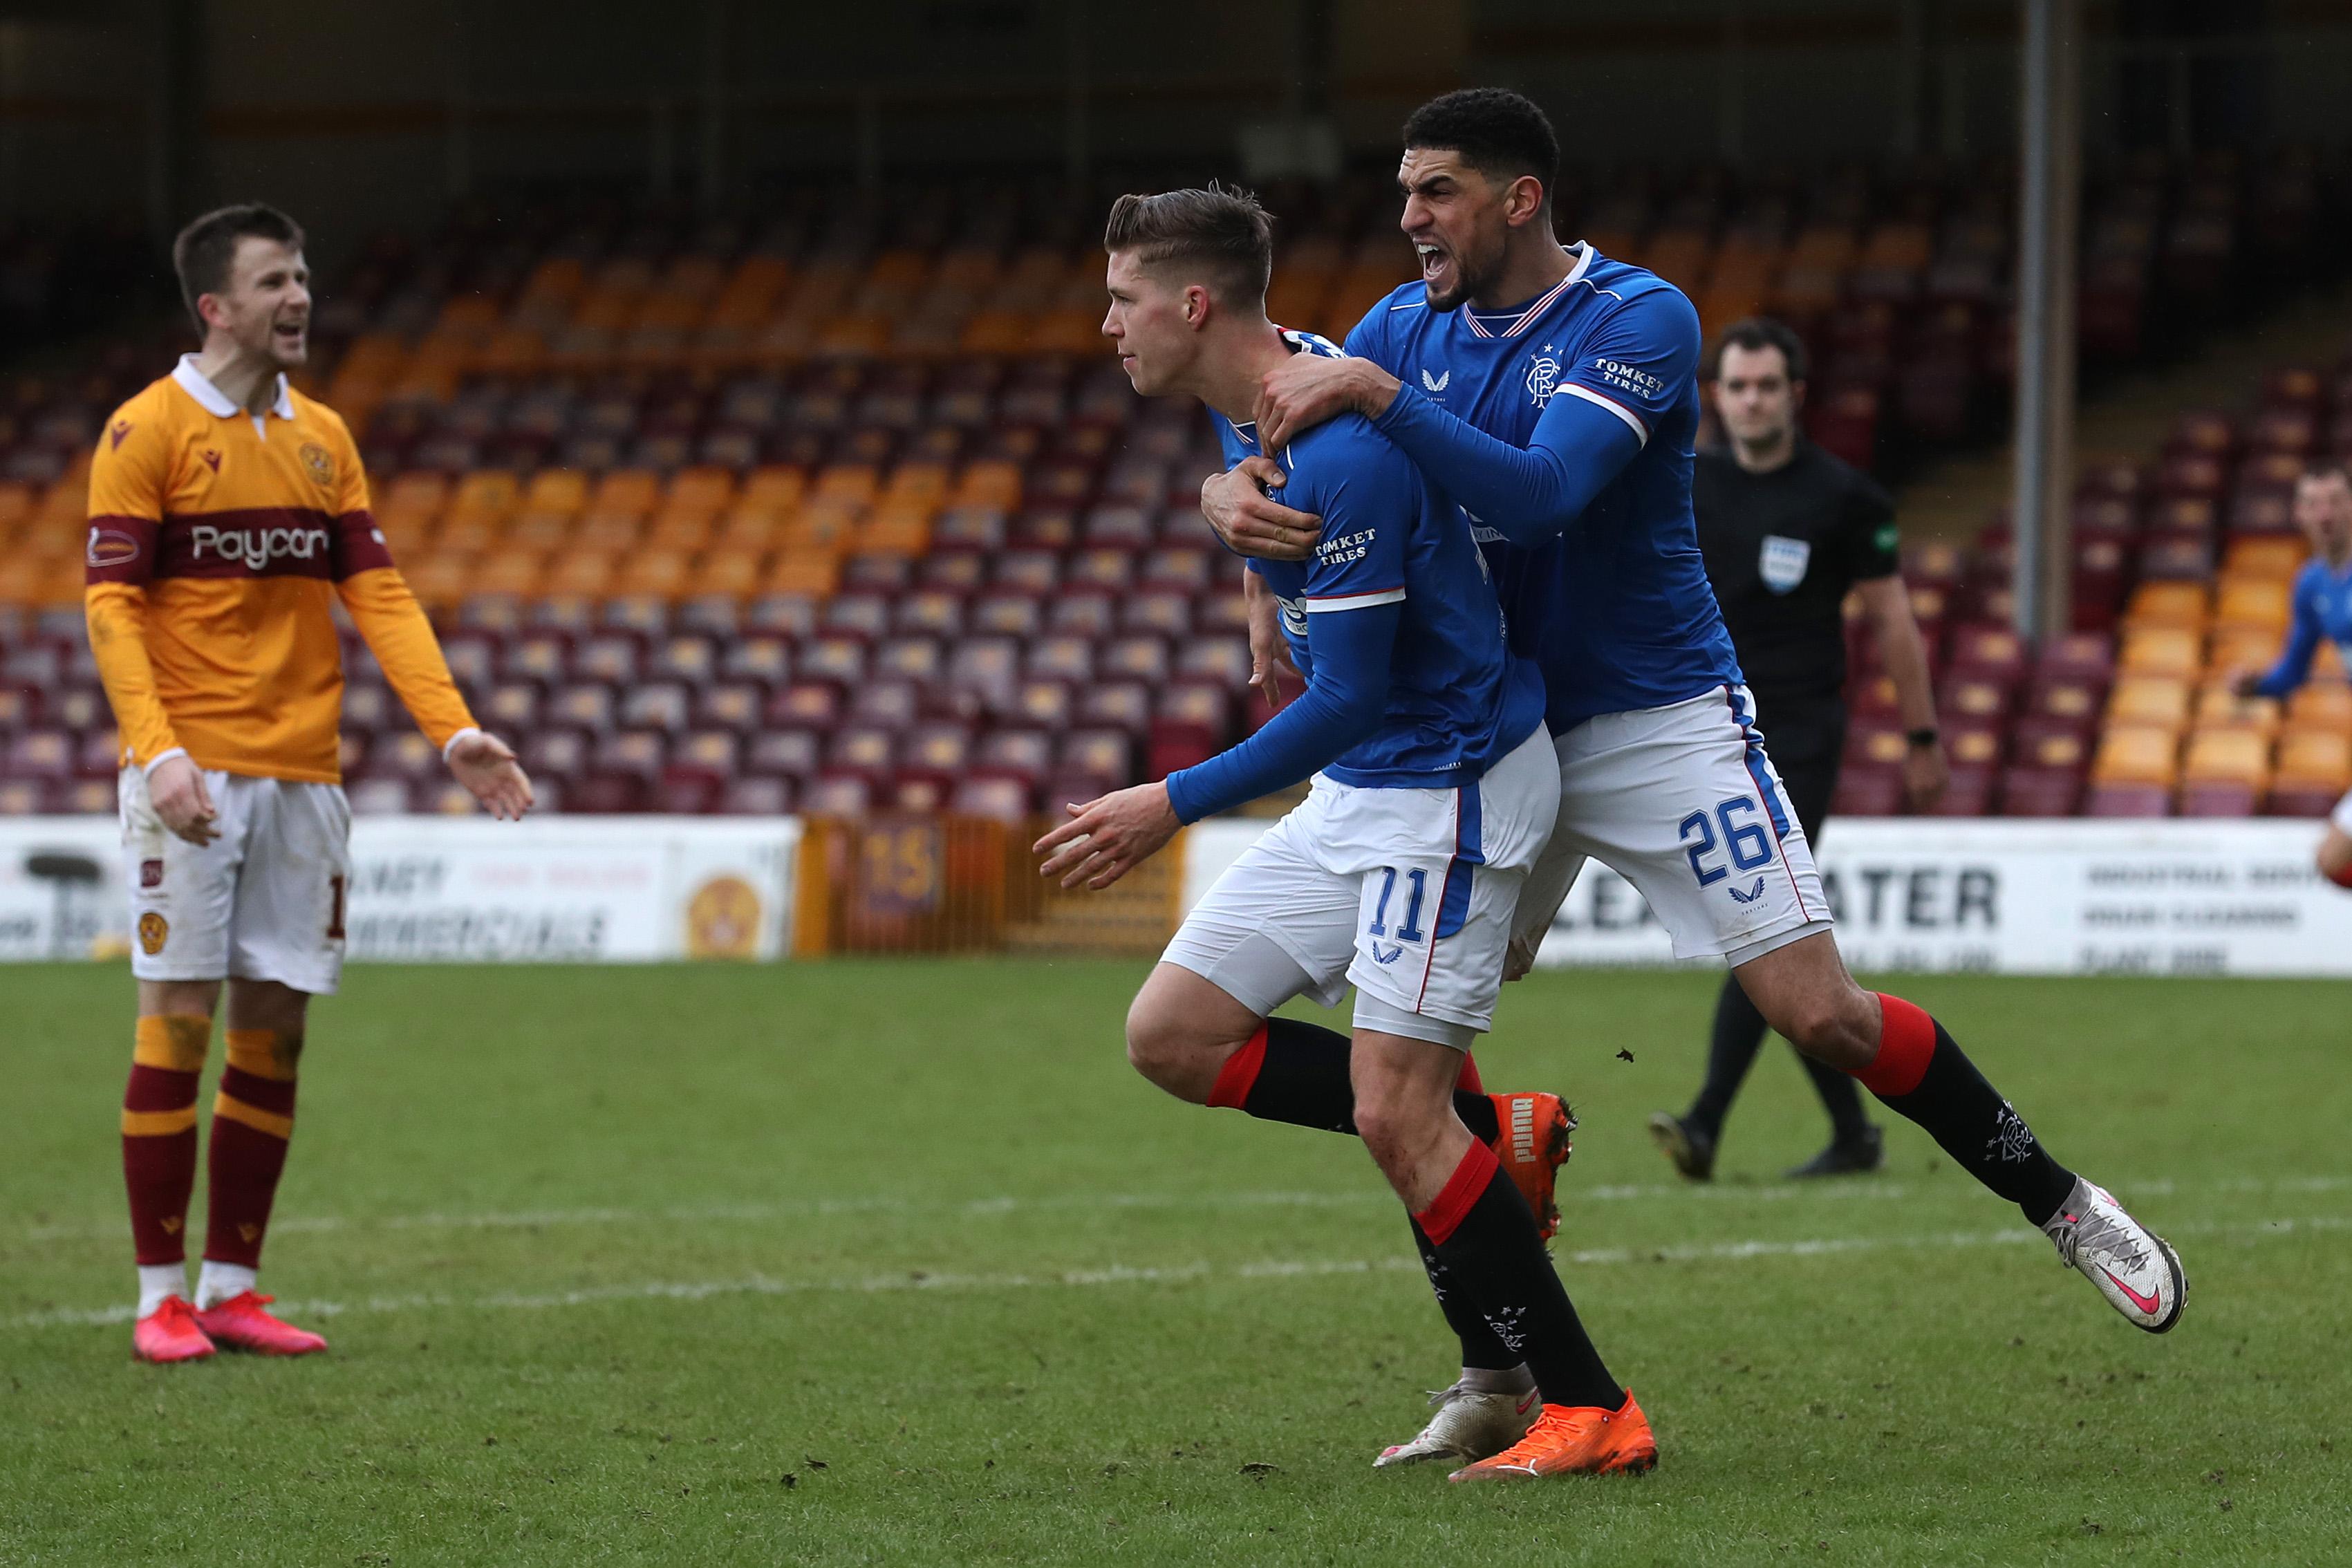 Rangers defender Leon Balogun celebrating Cedric Itten's goal against Motherwell